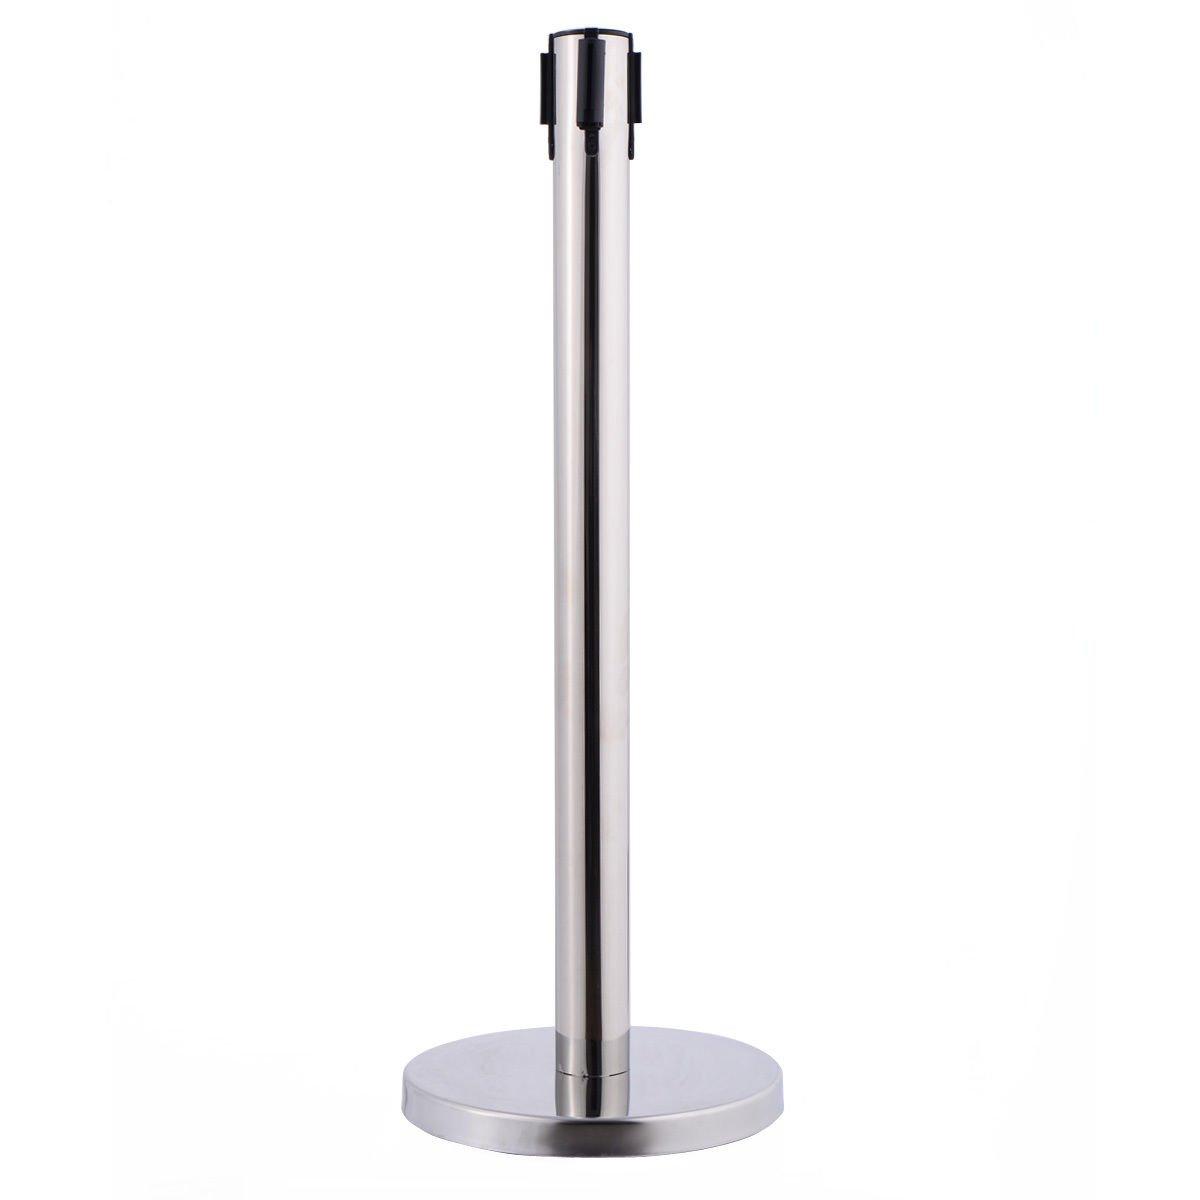 6 Pcs. Belt Retractable Crowd Control Stanchion Barrier Posts Queue Pole, Red by Alek...Shop (Image #5)